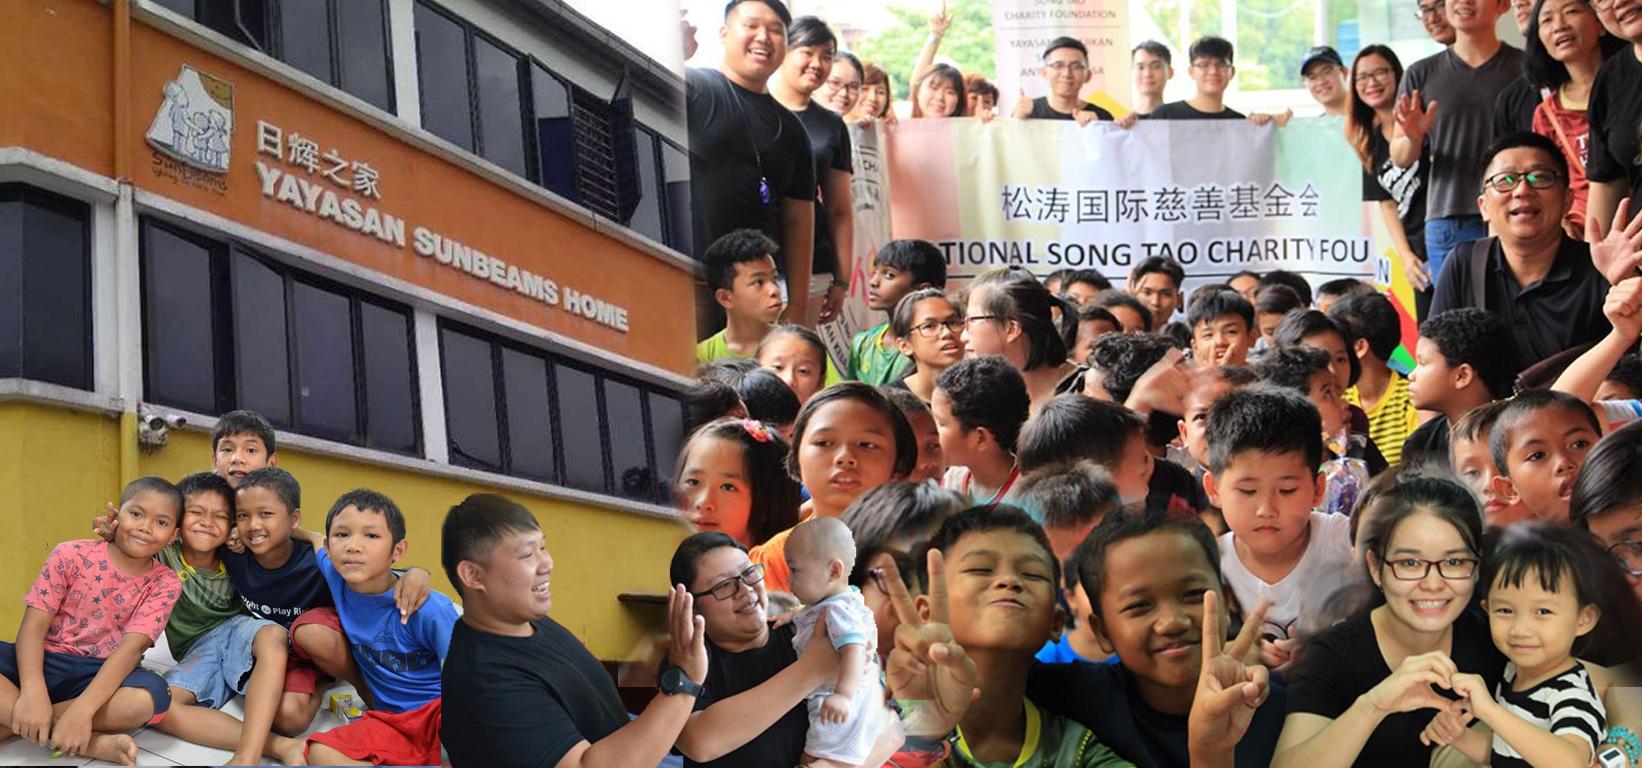 Visit Orphanage - Yayasan sunbeams homes